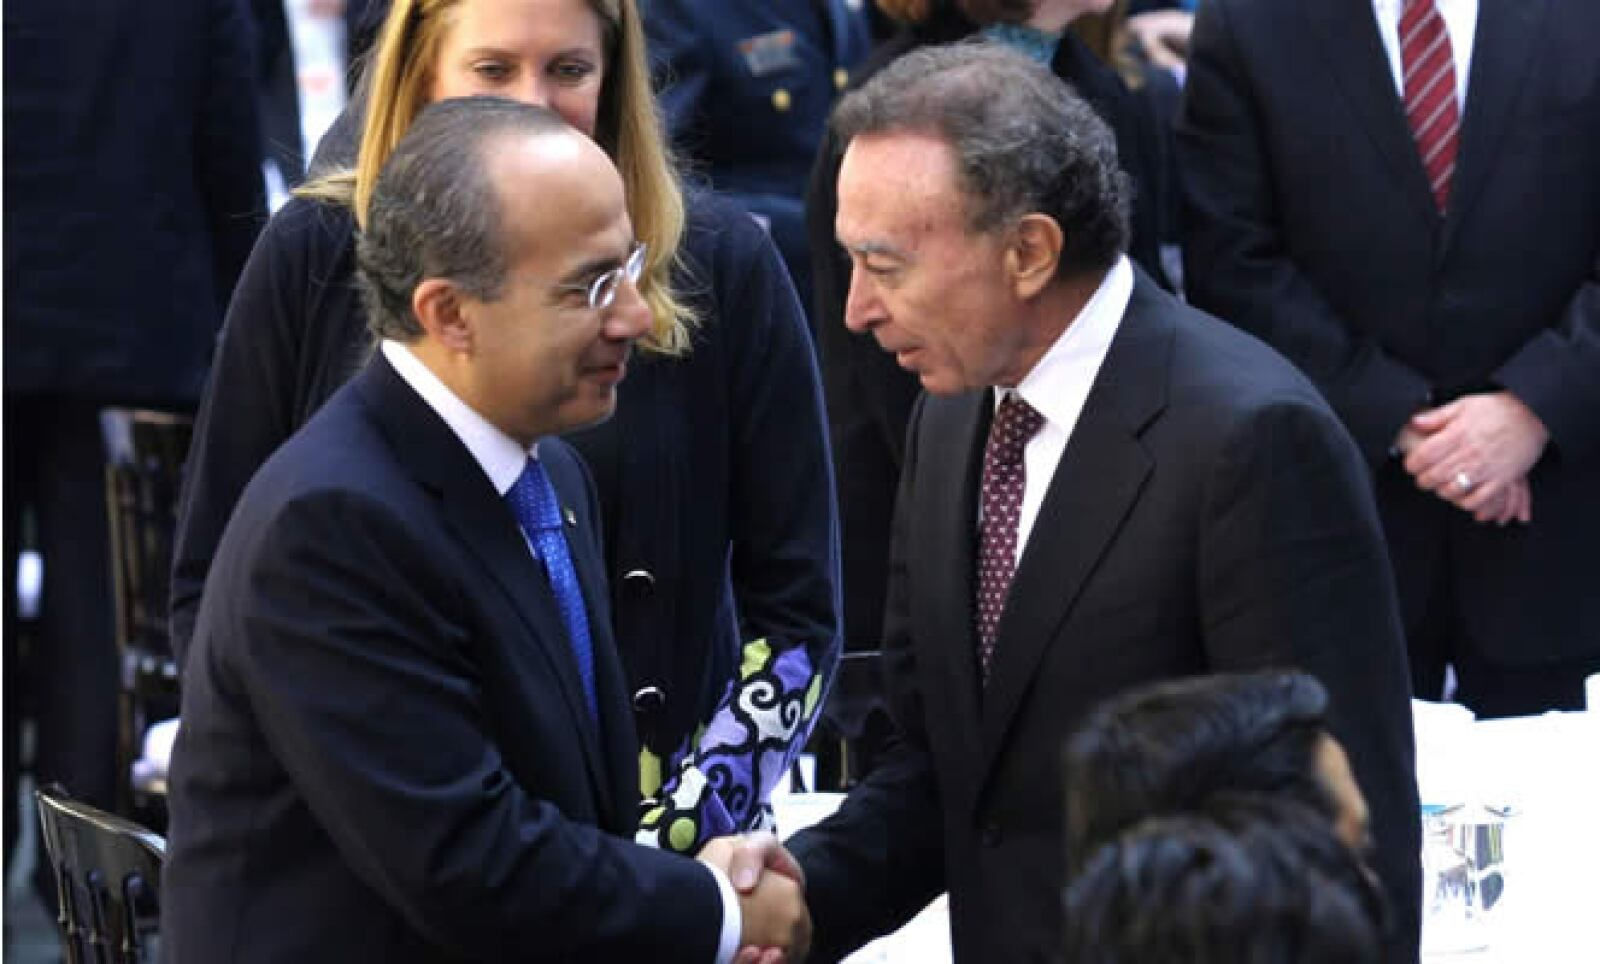 La presidencia del Banco de México está en el limbo, Calderón propuso al actual Secretario de Hacienda, Agustín Carstens; el periodo de Guillermo Ortíz termina el 31 de diciembre.